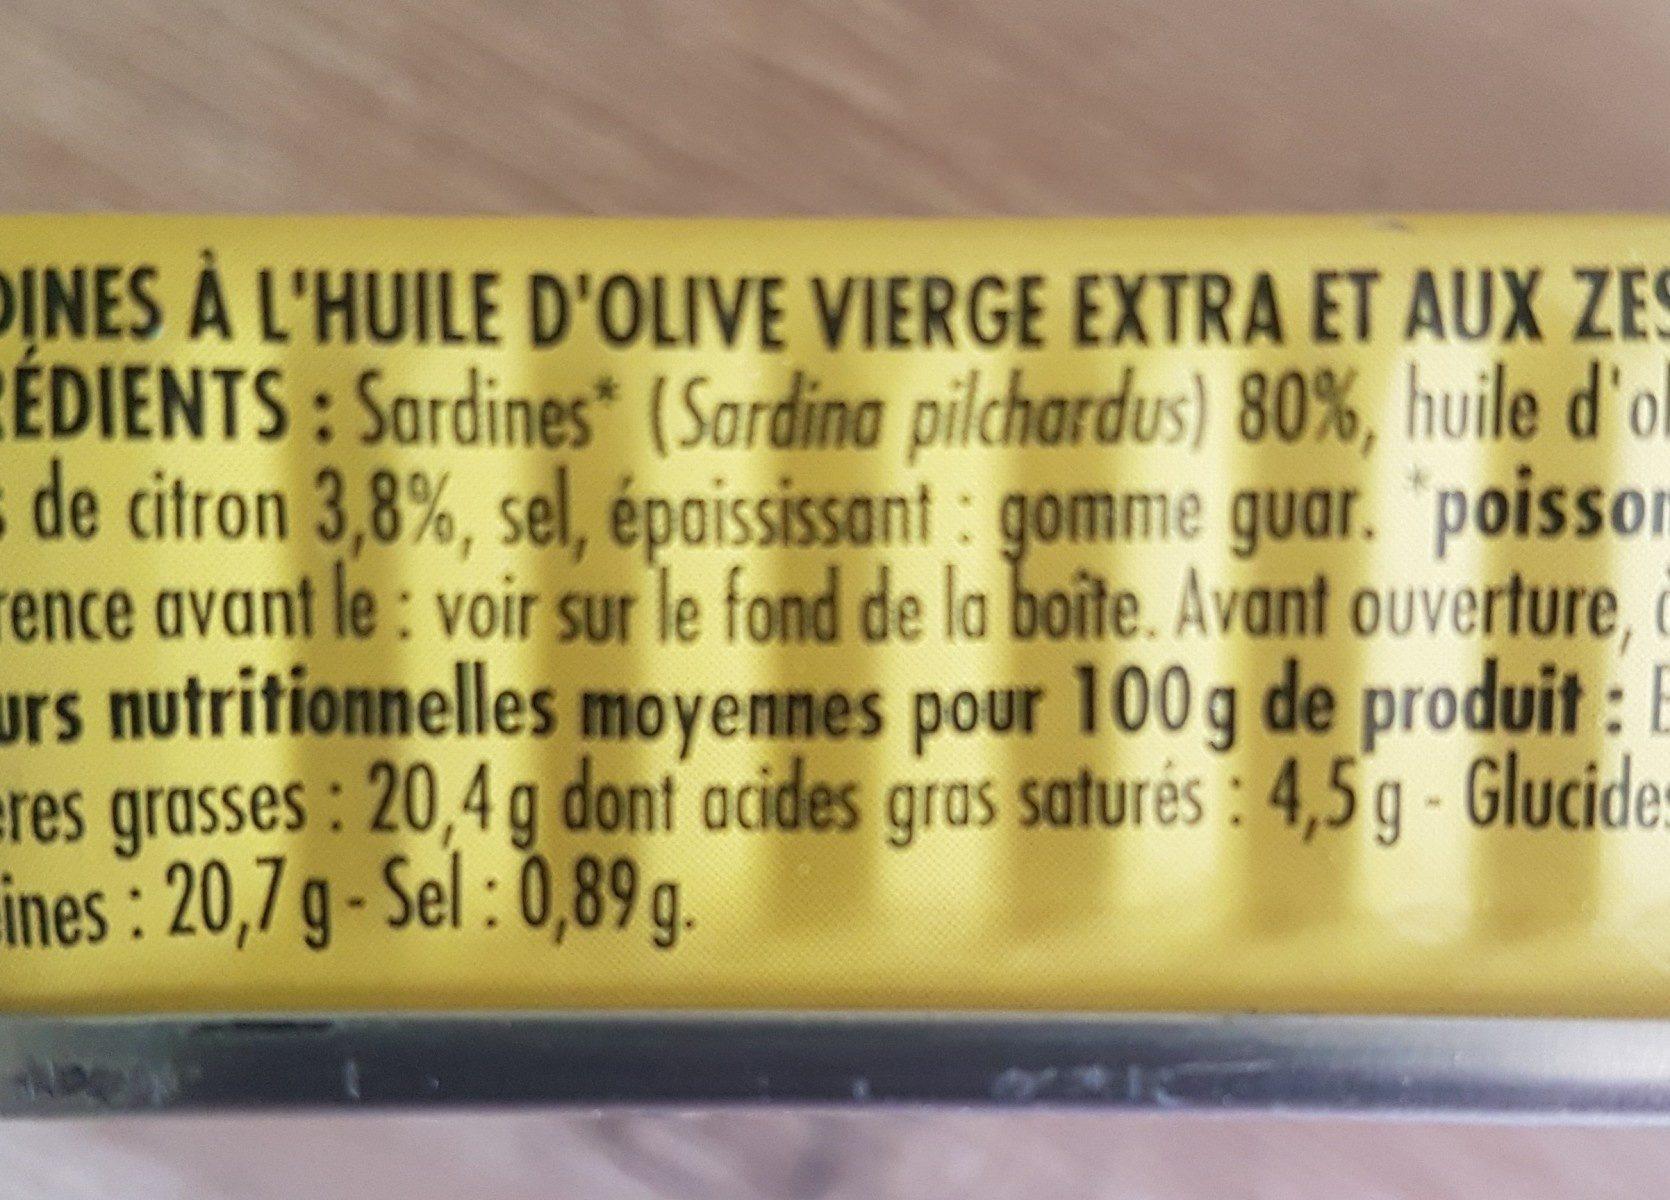 Sardines à l'huile d'olive vierge extra et aux zestes de citron - Ingrédients - fr